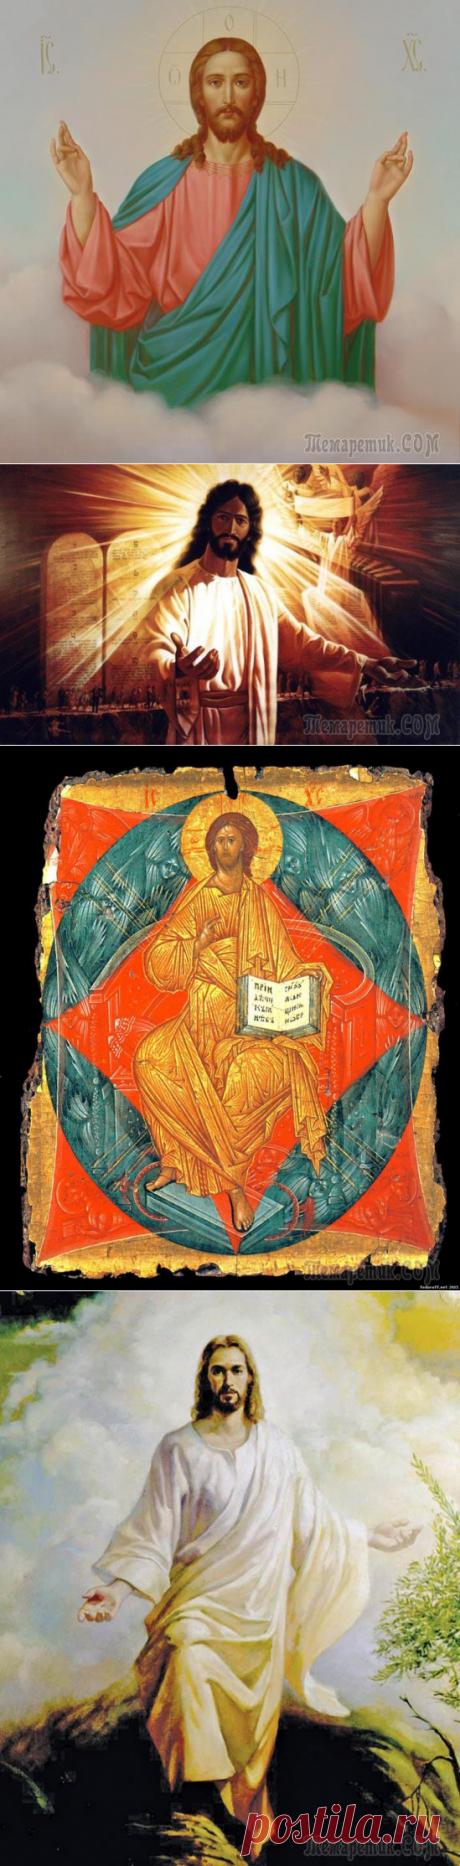 Смысл 10 заповедей Божьих